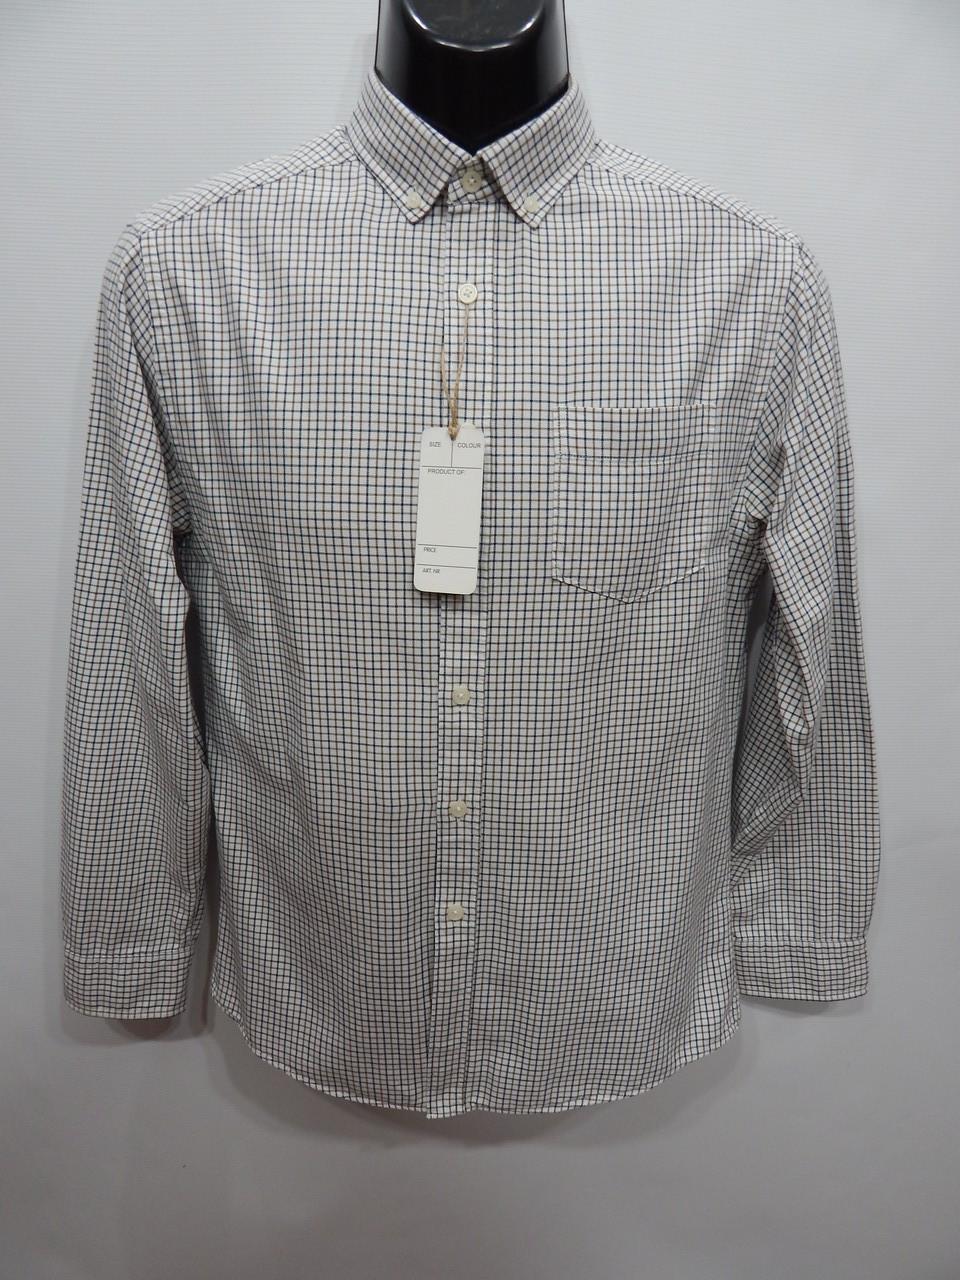 Мужская теплая рубашка с длинным рукавом TU р.46 078RT